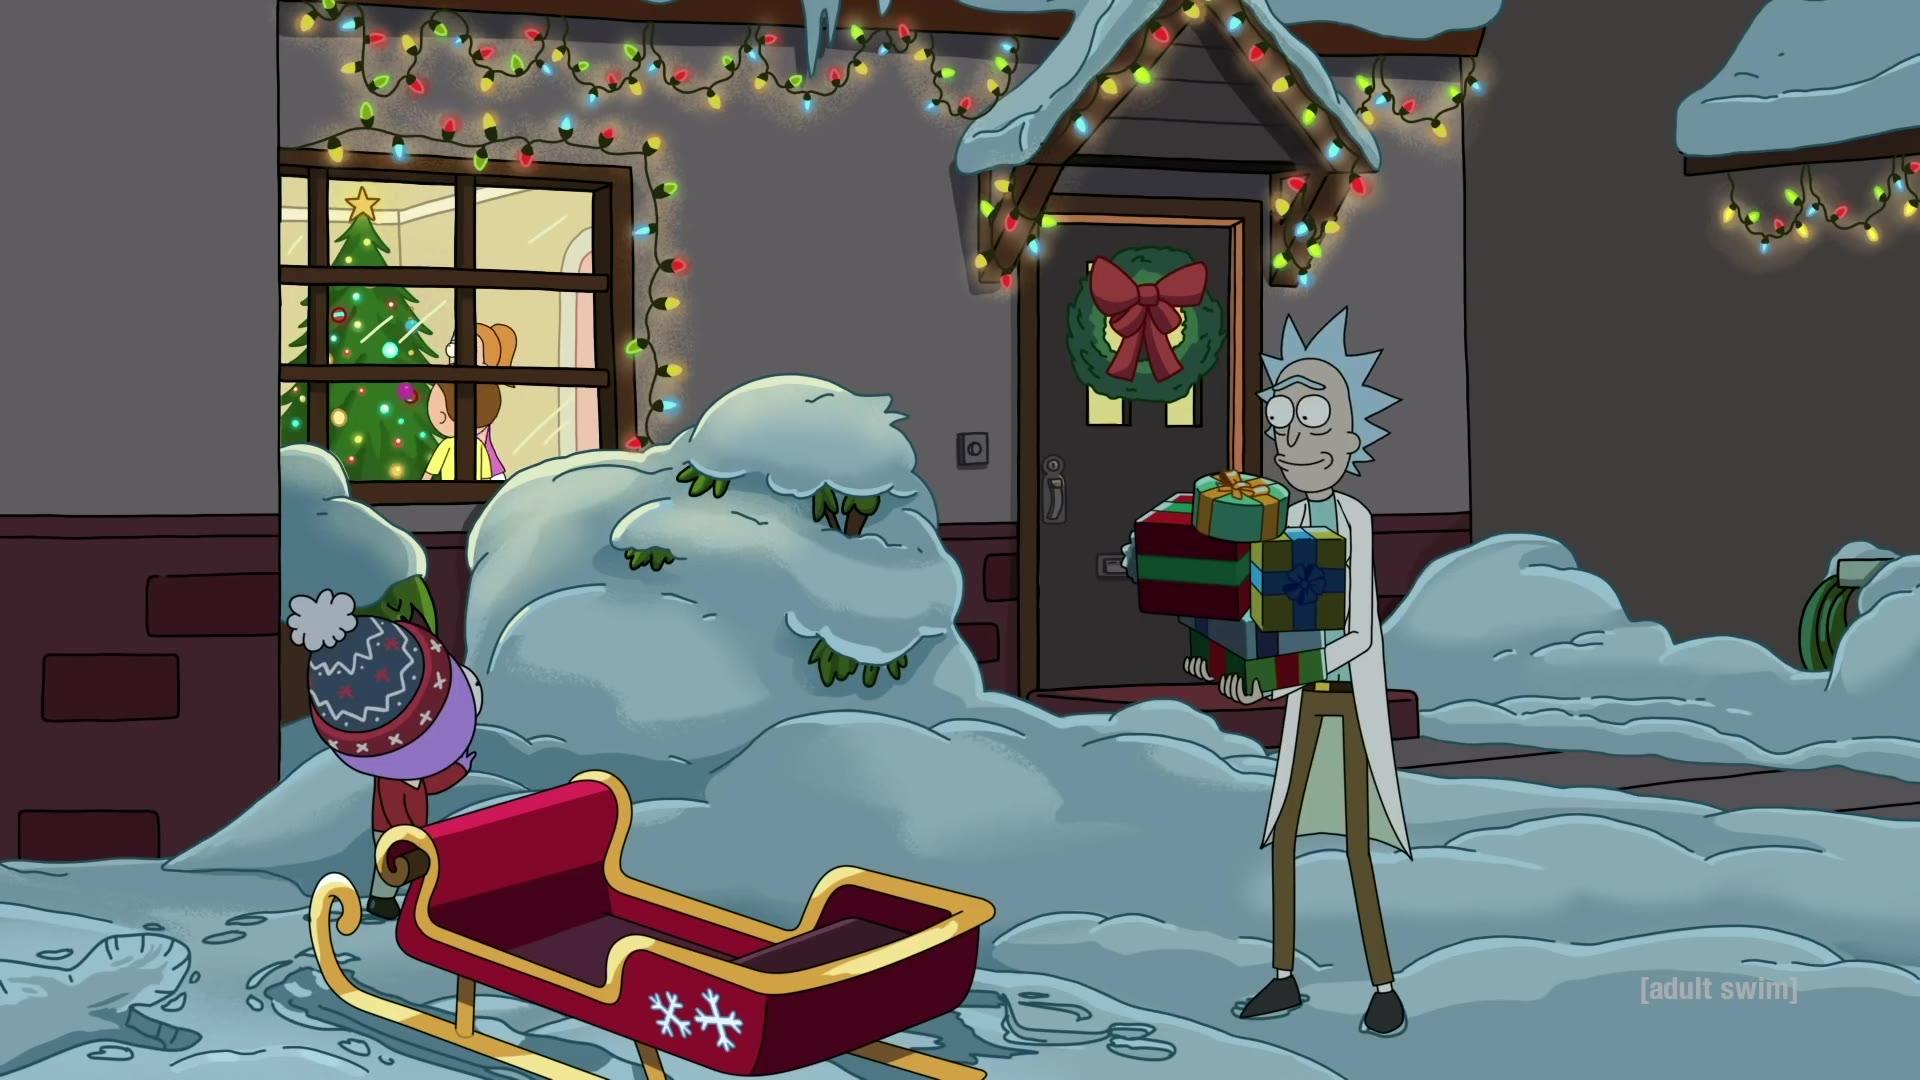 【瑞克和莫蒂】熟肉 Goomby和瑞克的圣诞节故事